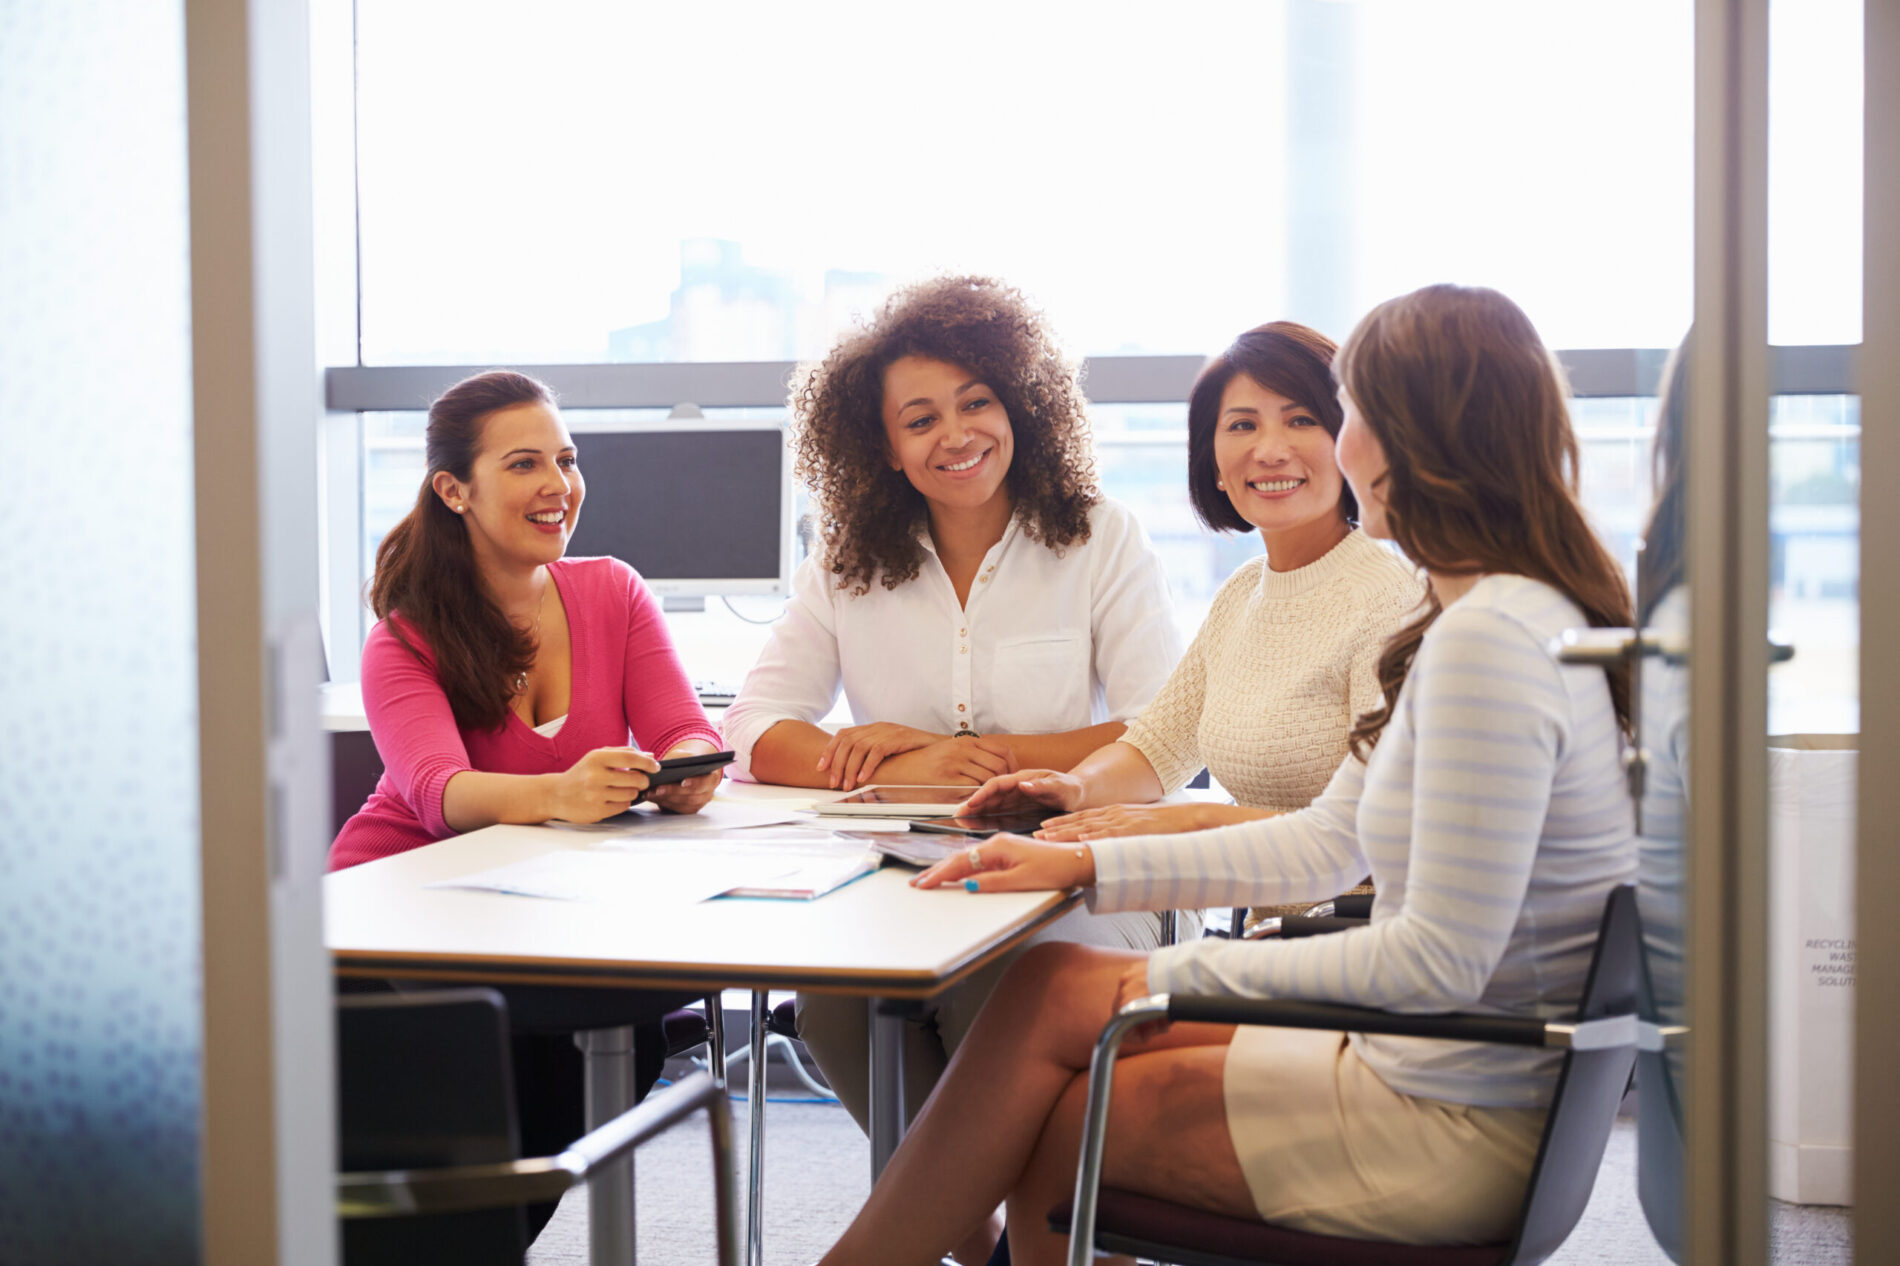 Las empresas dirigidas por mujeres se proyectan como un símbolo de resiliencia y reactivación económica